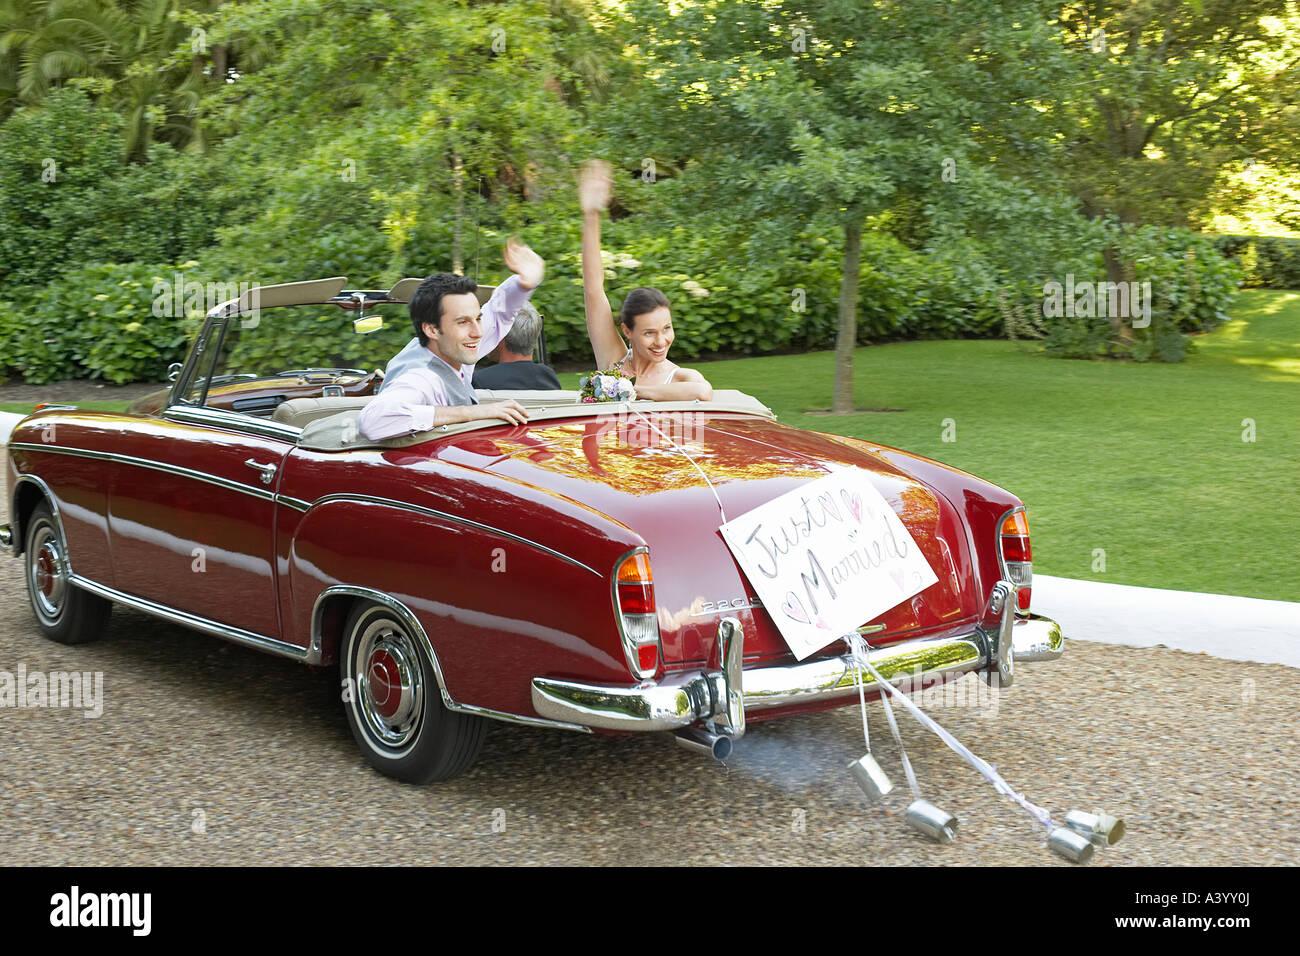 La novia y el novio adulto medio en coches de época, agitando las manos Imagen De Stock